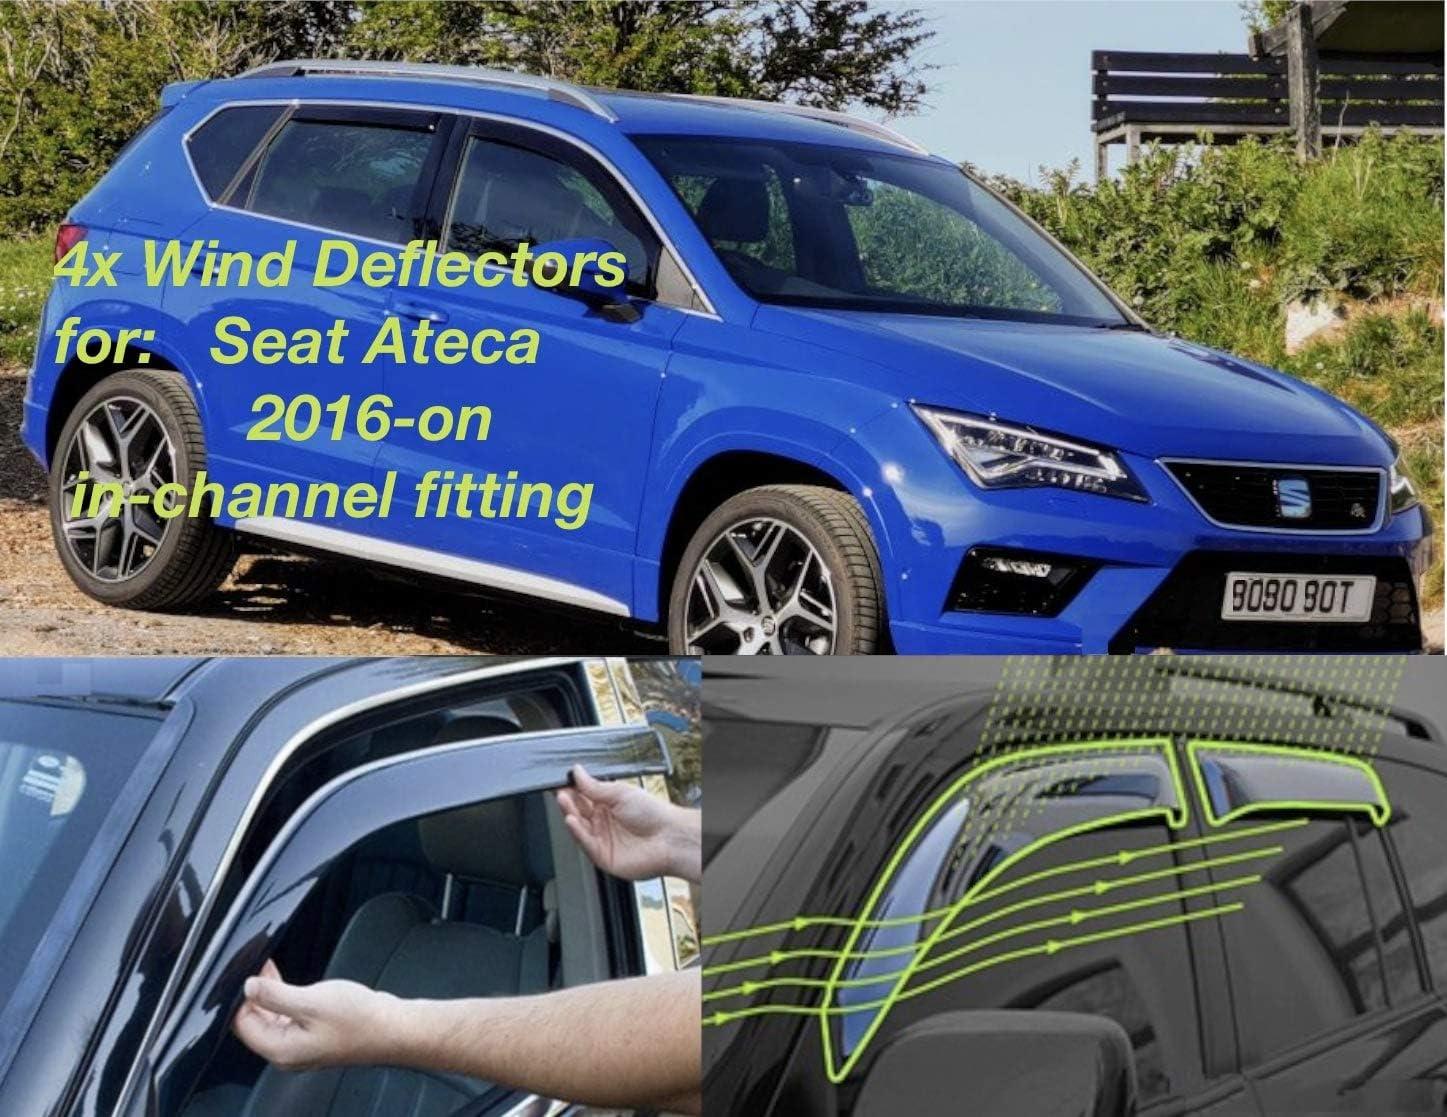 Windabweiser Für Seat Ateca 2016 2017 2018 2019 2020 2021 2022 Seitentür Fenster Regenschutz Sonnenblende Acrylglas Pmma Auto